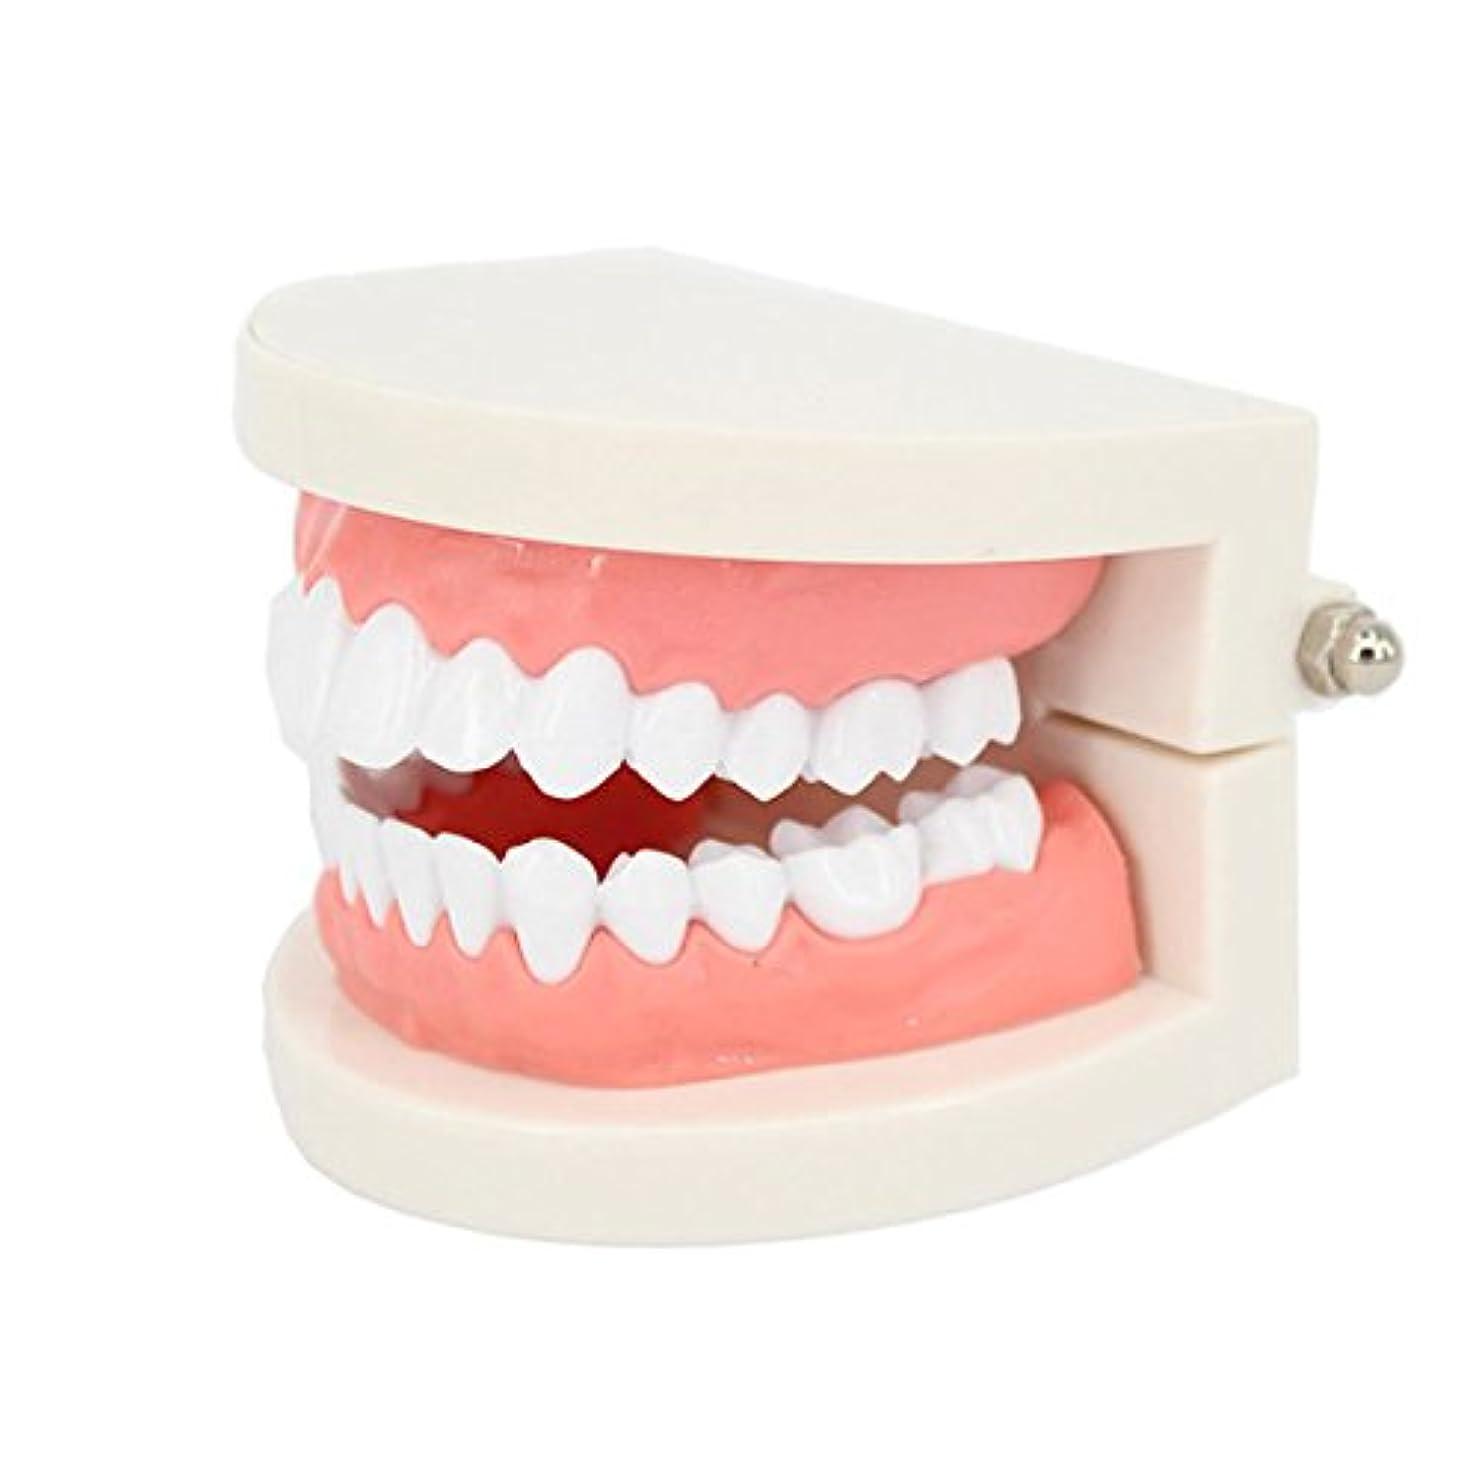 上院折八ROSENICE 歯科医 歯列模型 歯は着脱可能 指導用模型